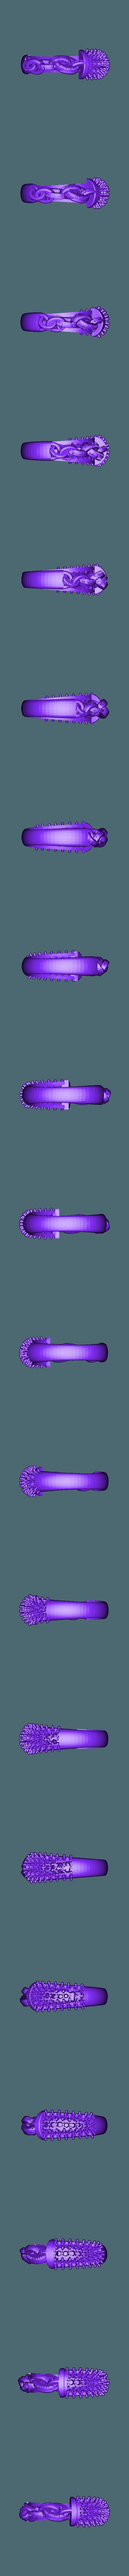 Obj.obj Télécharger fichier OBJ gratuit Bague de Chaîne avec Pierres Gemmes • Design pour impression 3D, Khatri3D